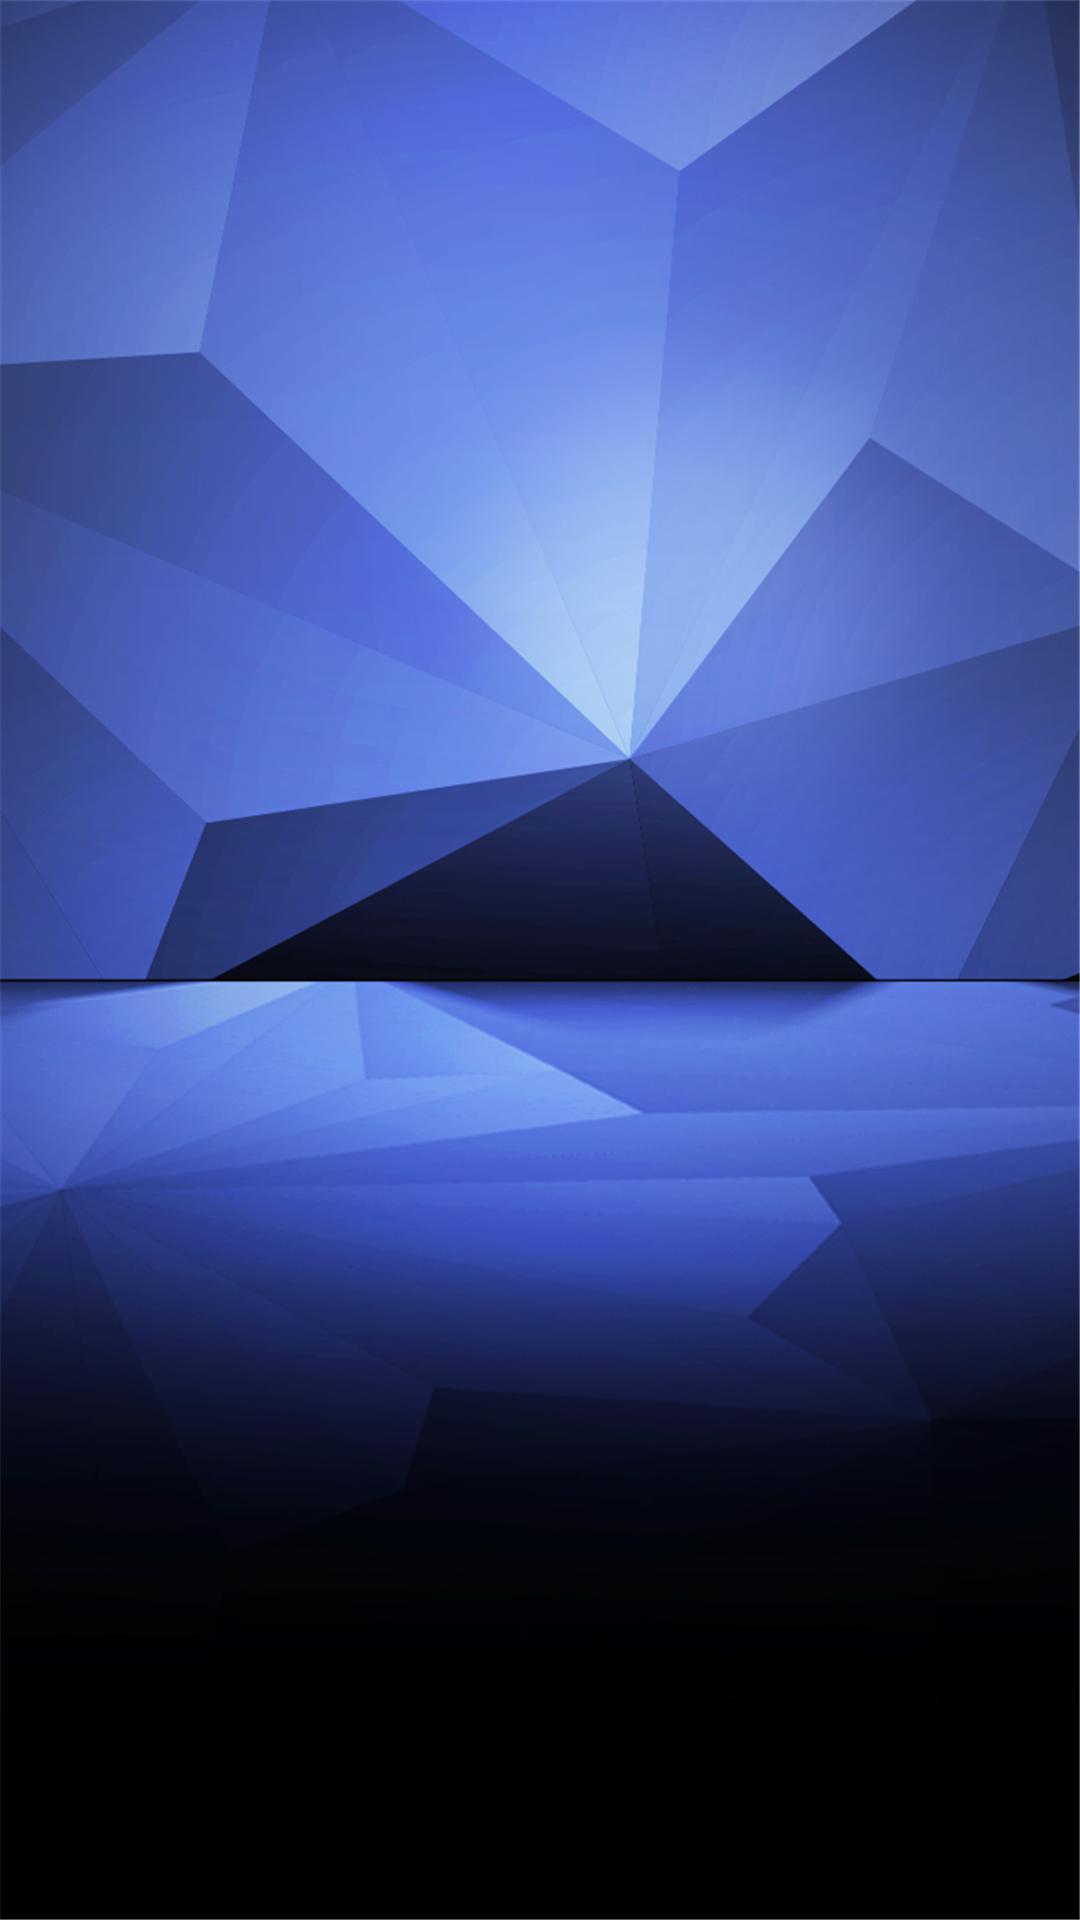 Htc Full Hd Wallpaper Download Asus Fonepad 7 Zenfone 2 Deluxe And Zenfone 5